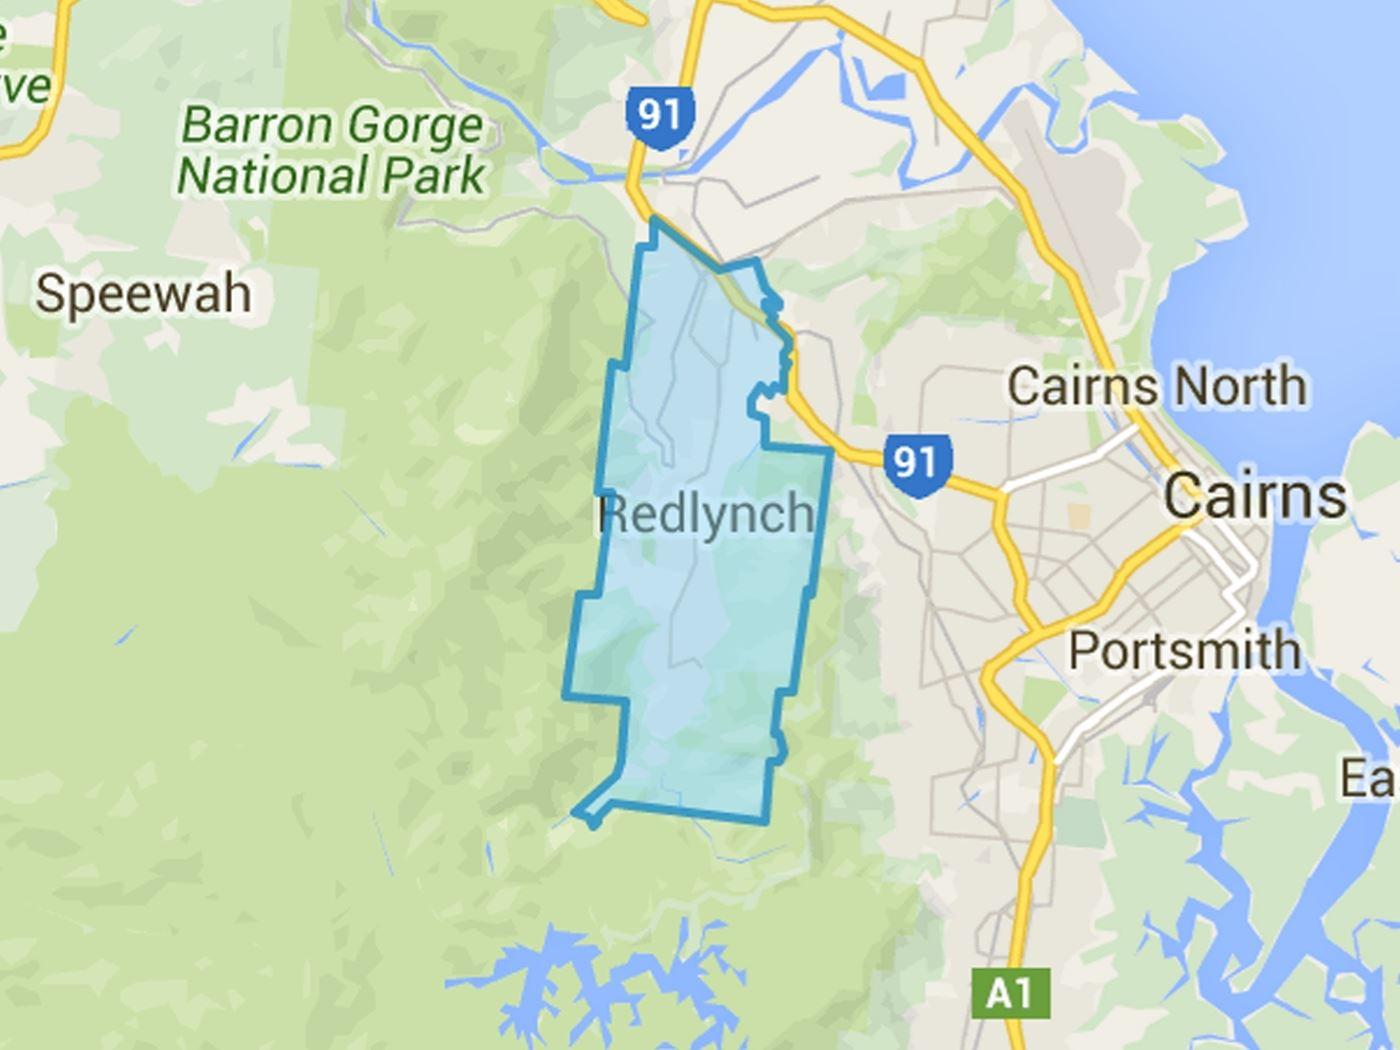 Redlynch